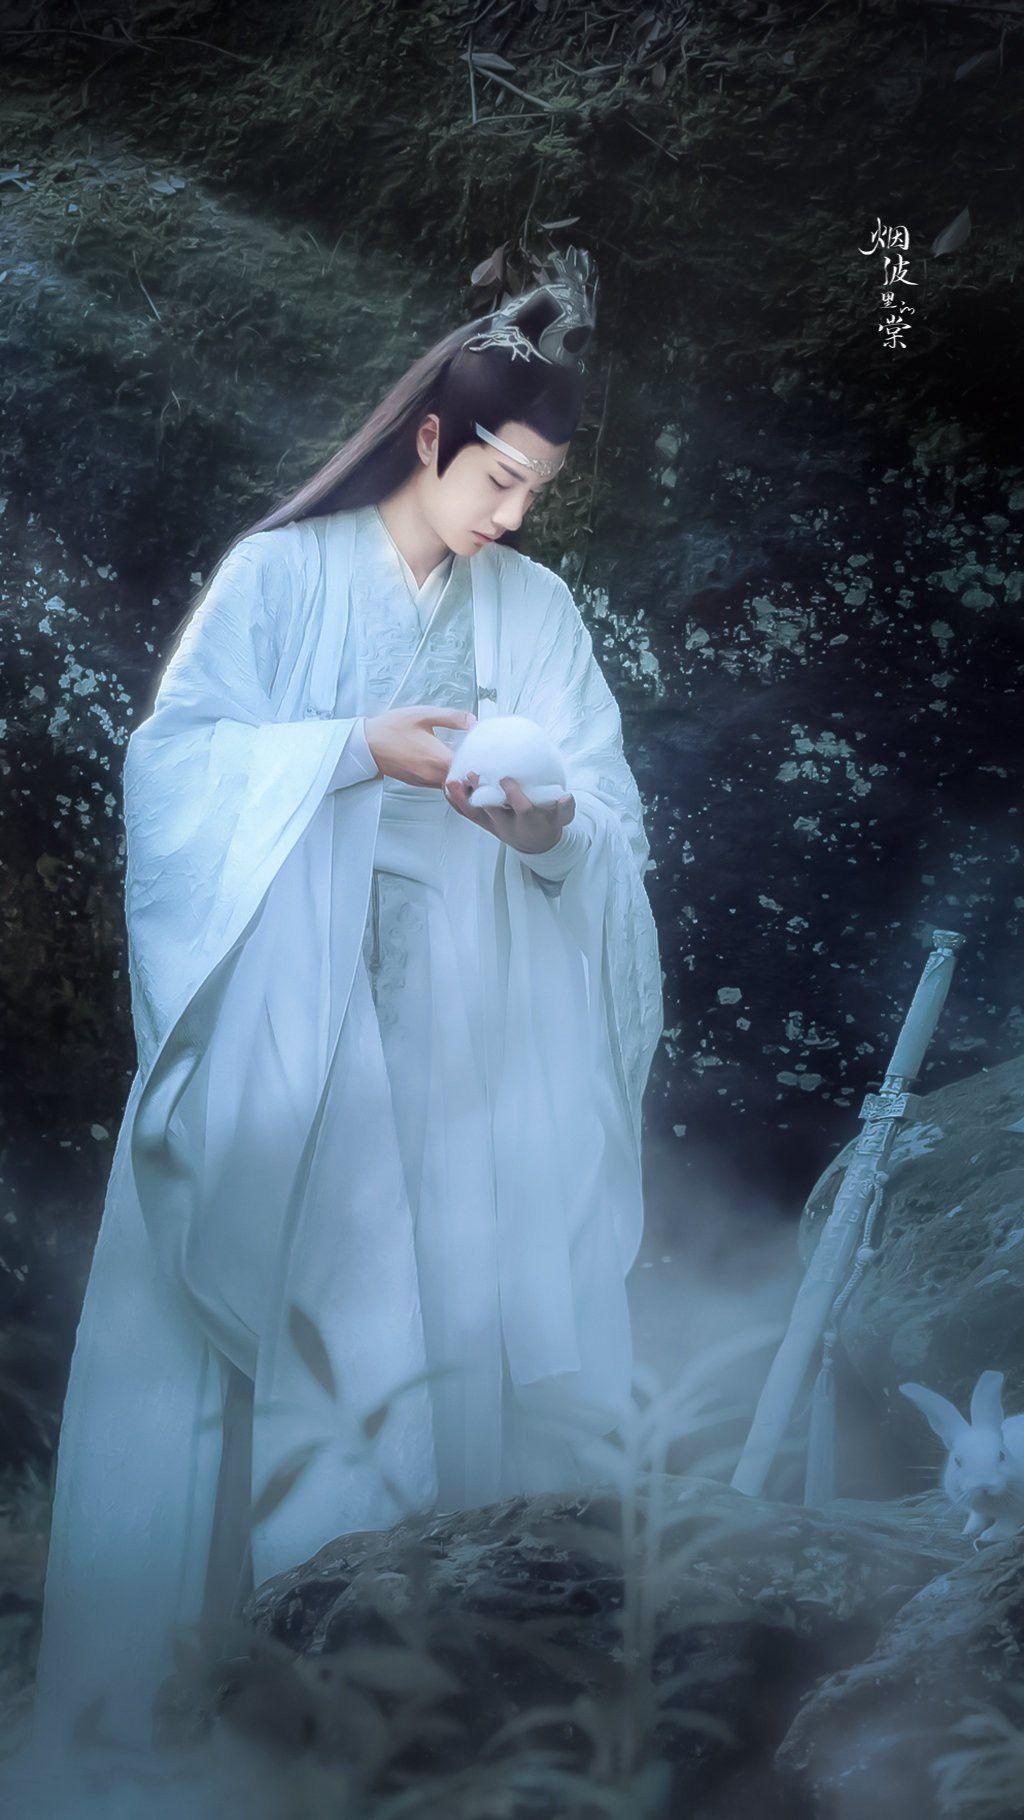 LanZhan คนดัง, คู่รัก แอนิเมะ, นักแสดง